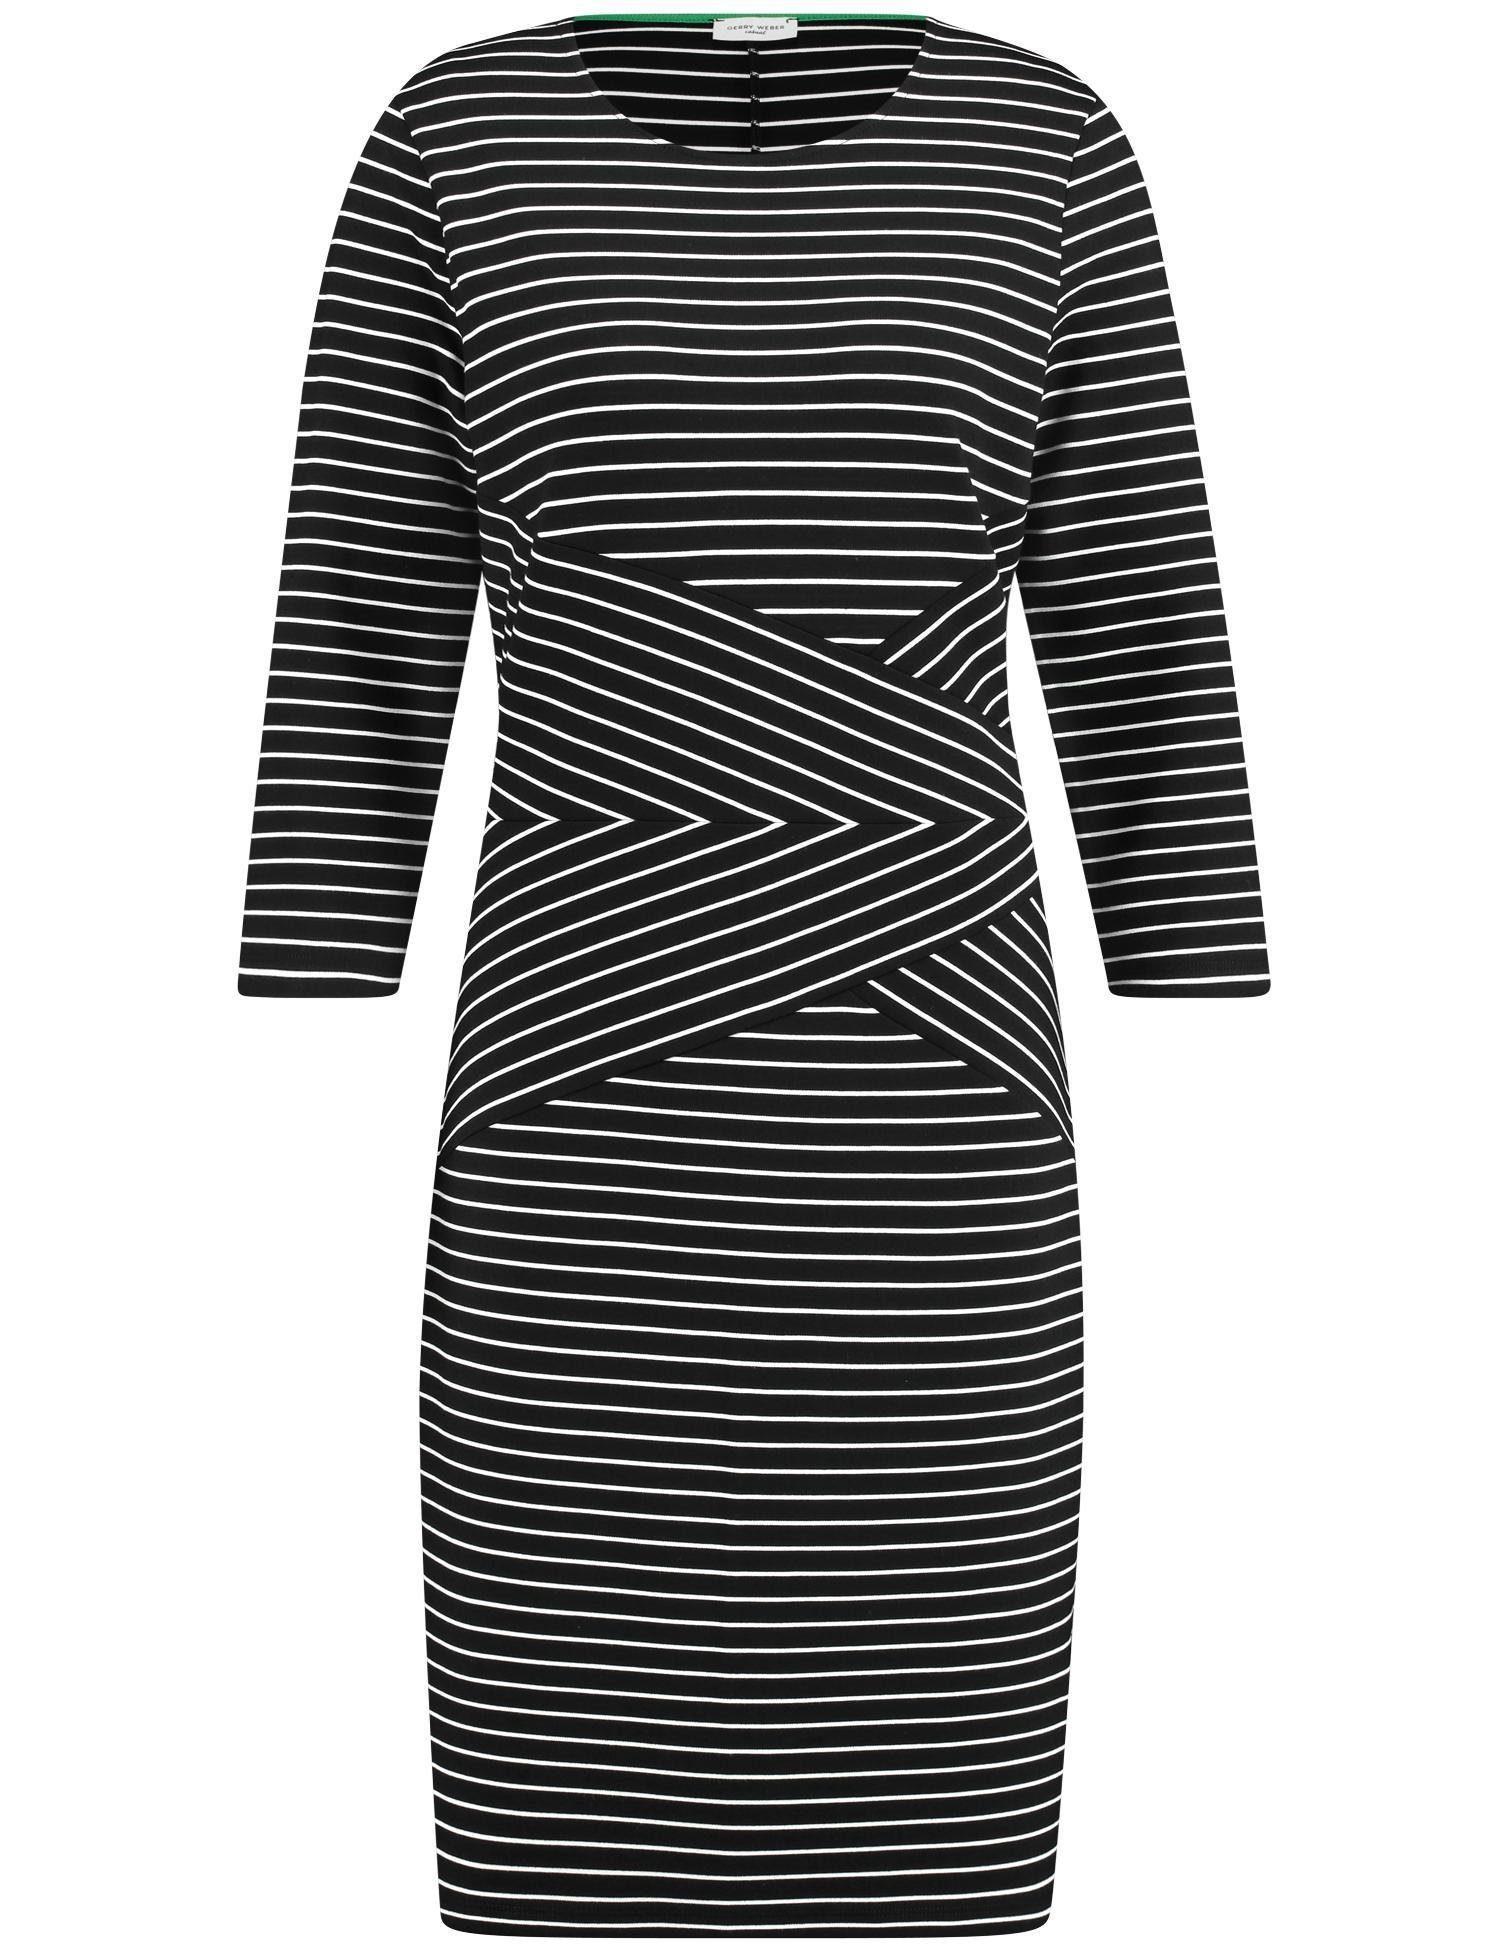 GERRY WEBER Kleid Gewirke »Kleid mit Ringeldessin«